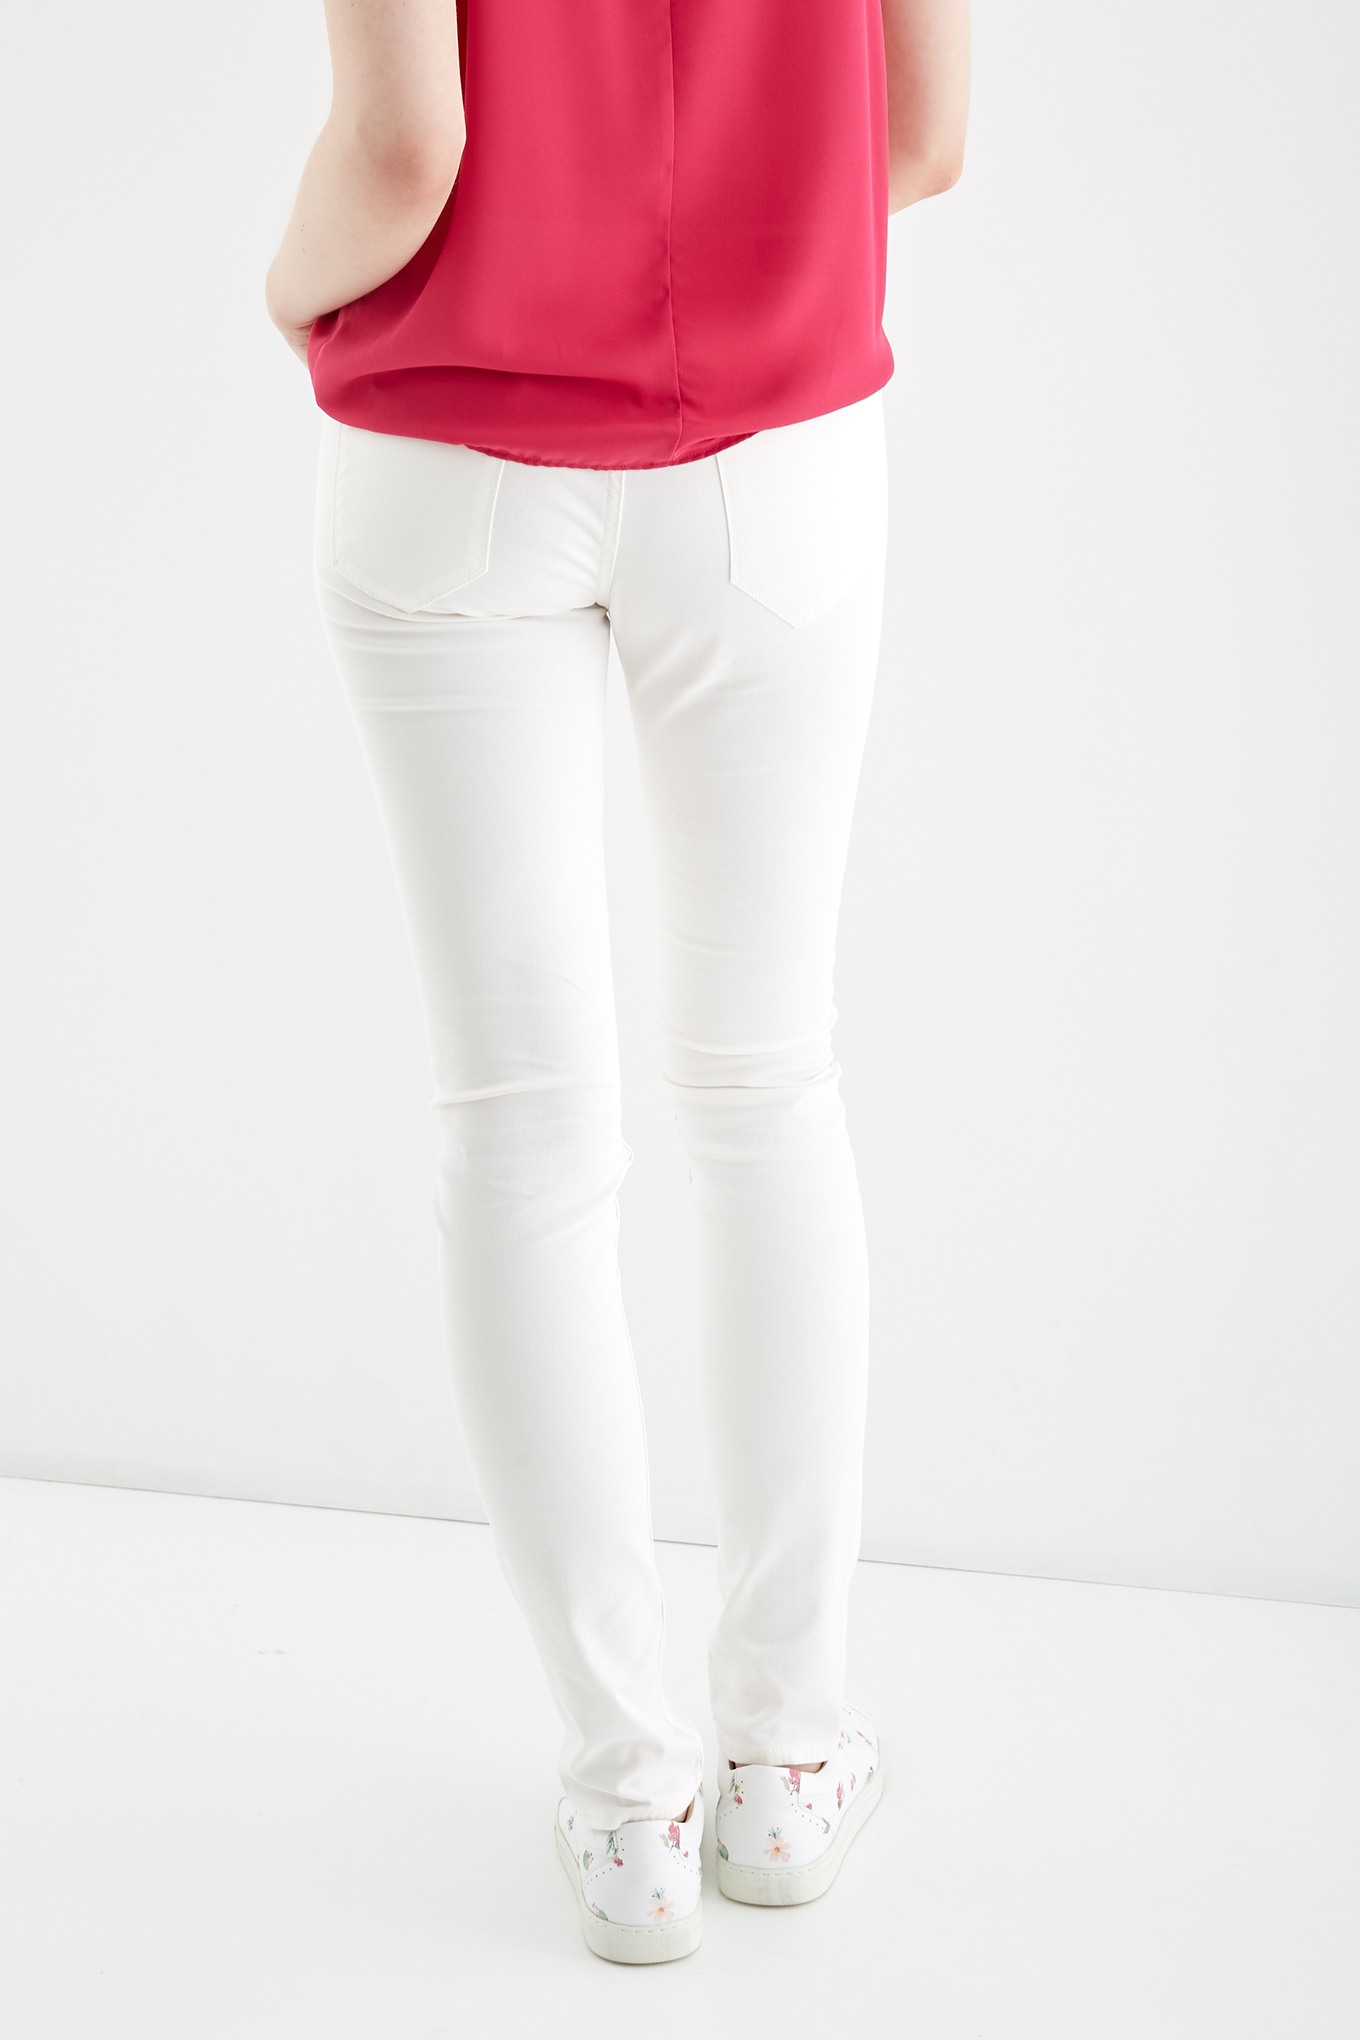 Jeans White Sport Woman